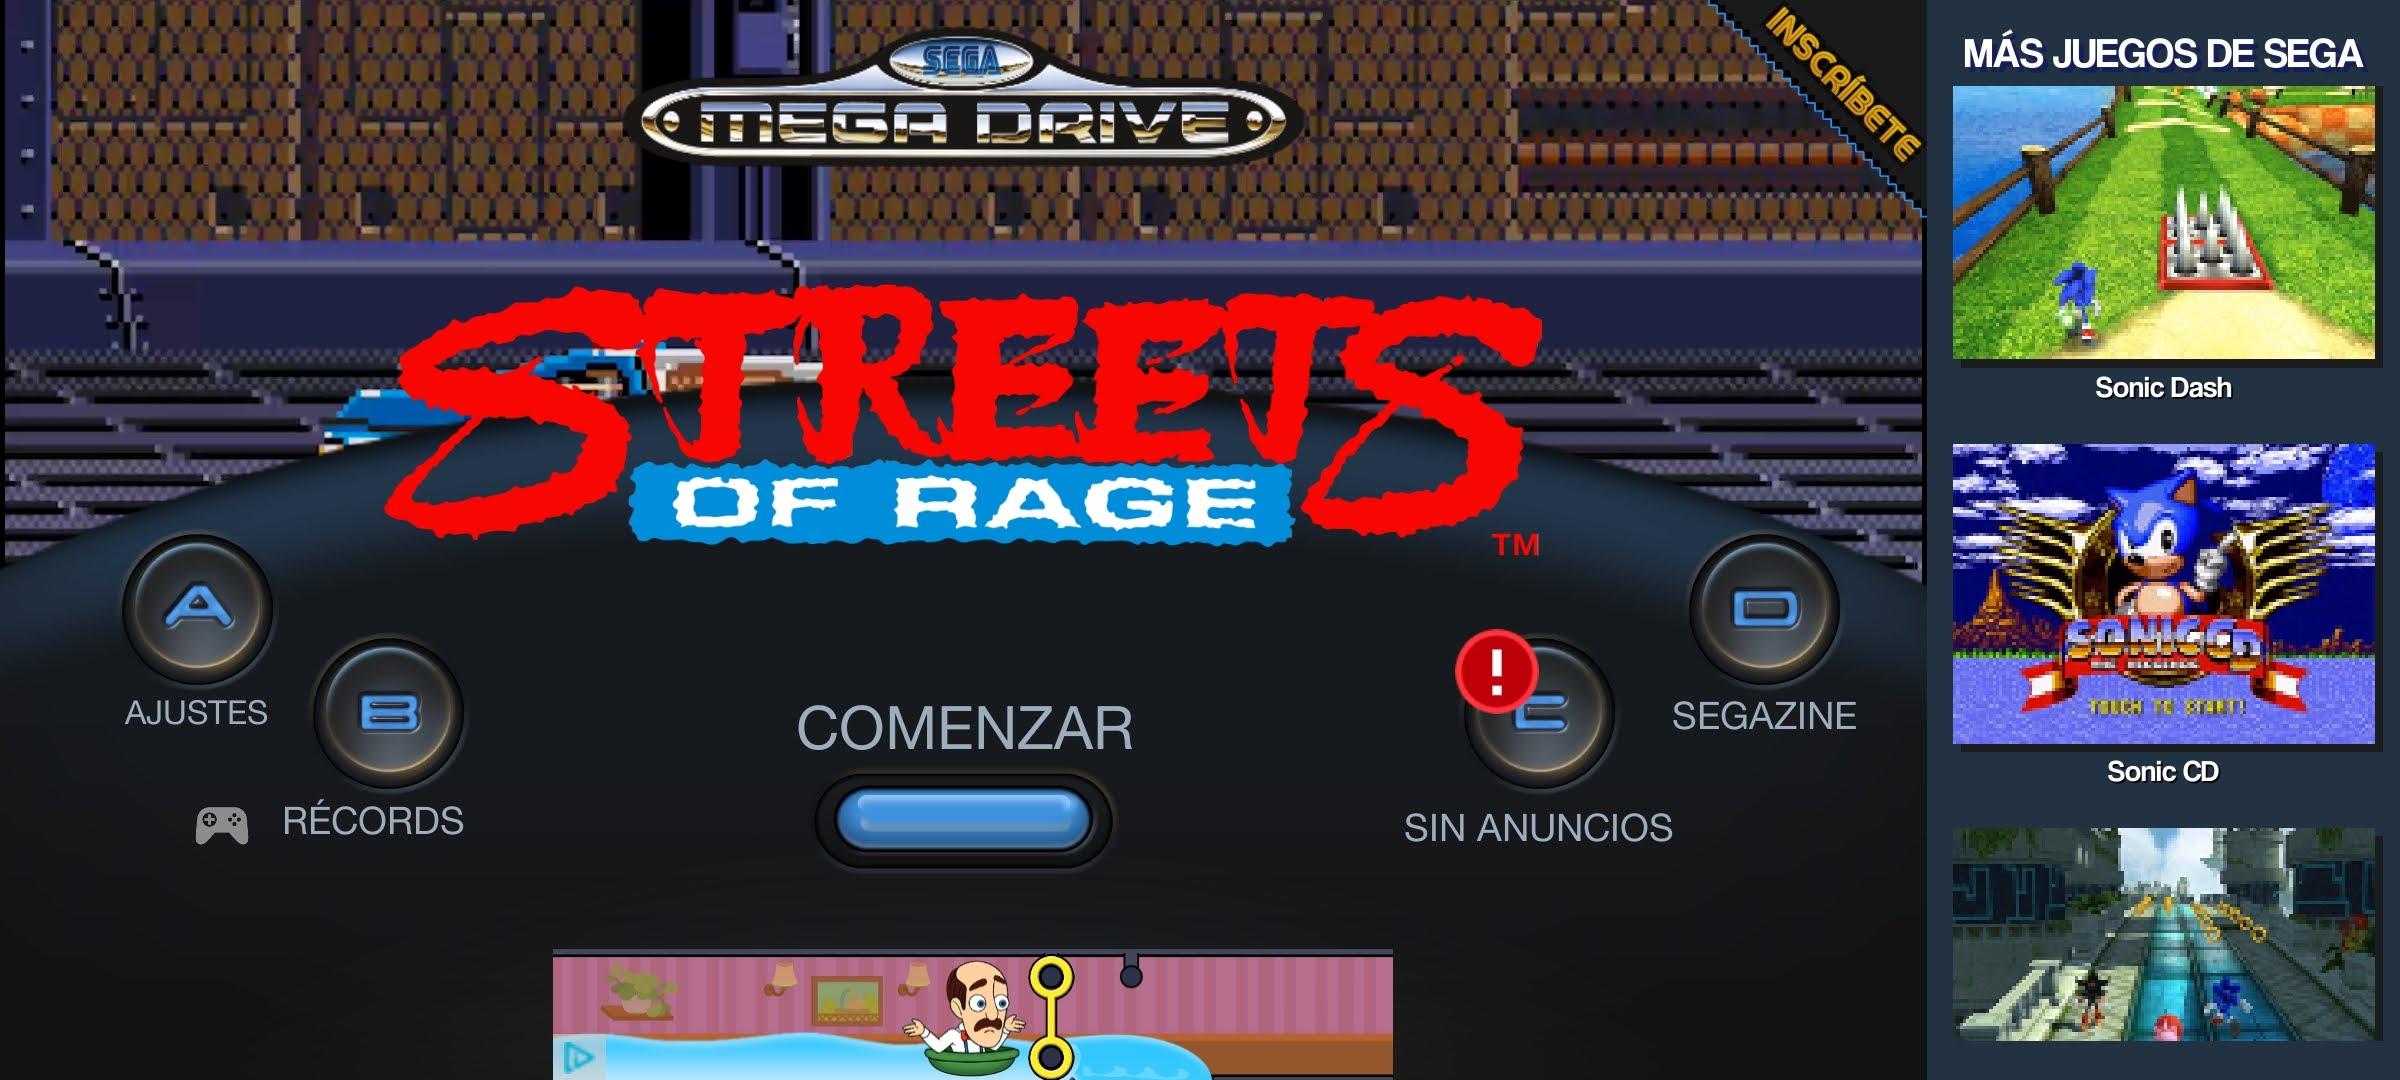 street forever menú